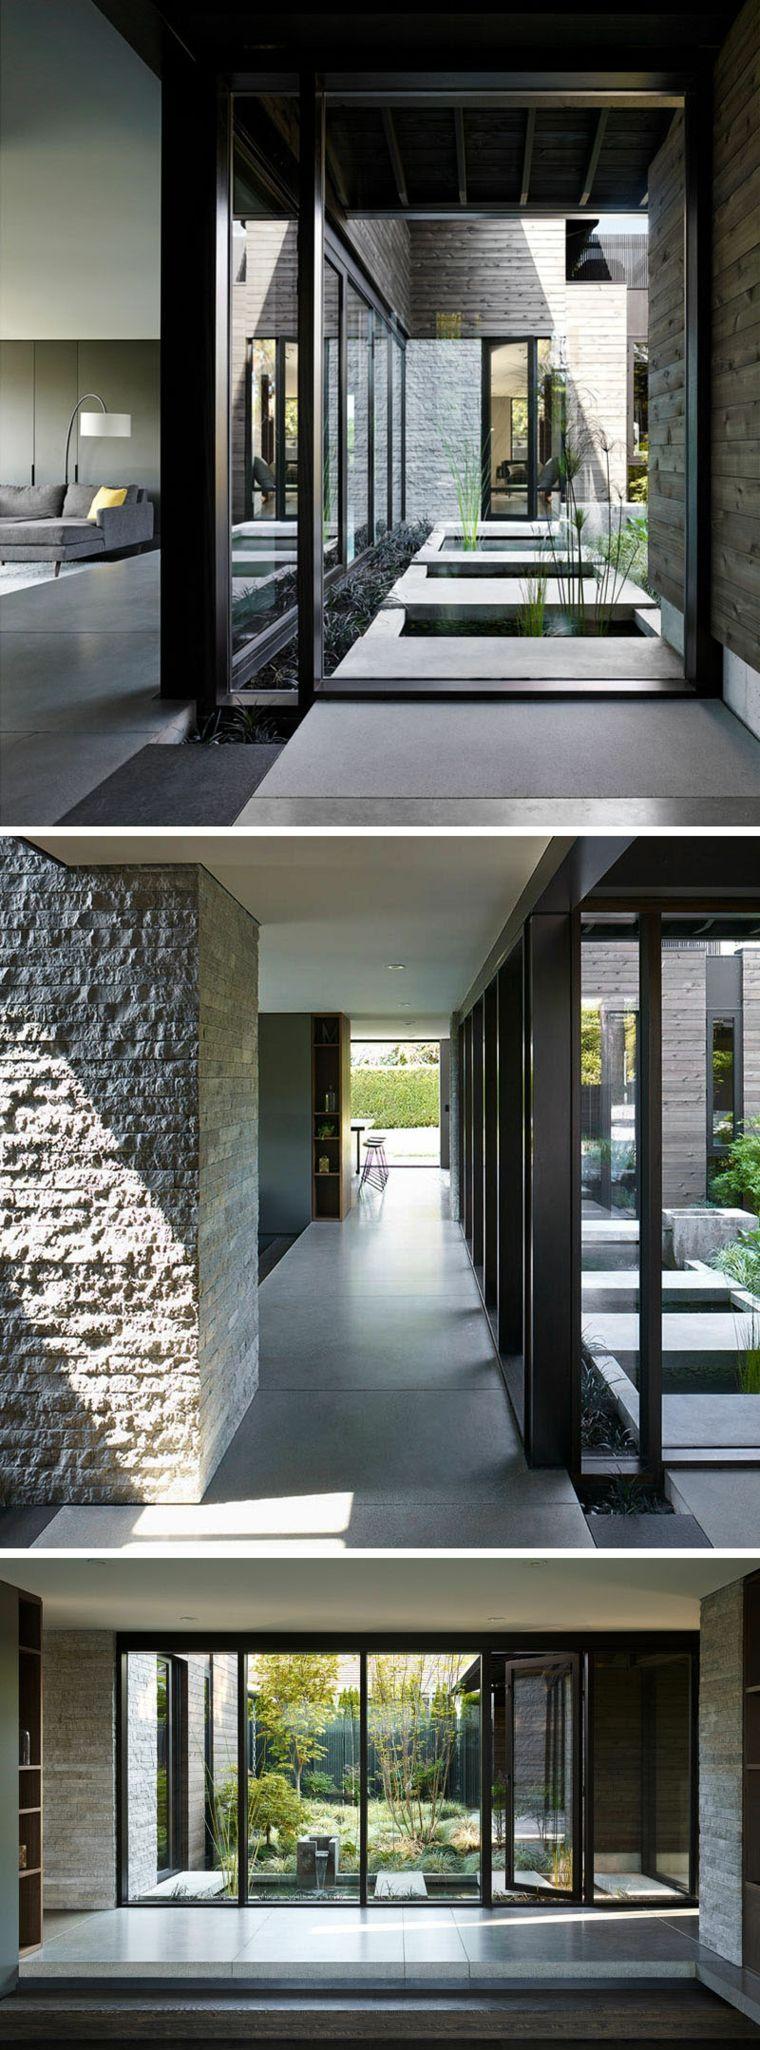 Maison Rénovée à Seattle : Couloirs Avec Portes Fenêtres